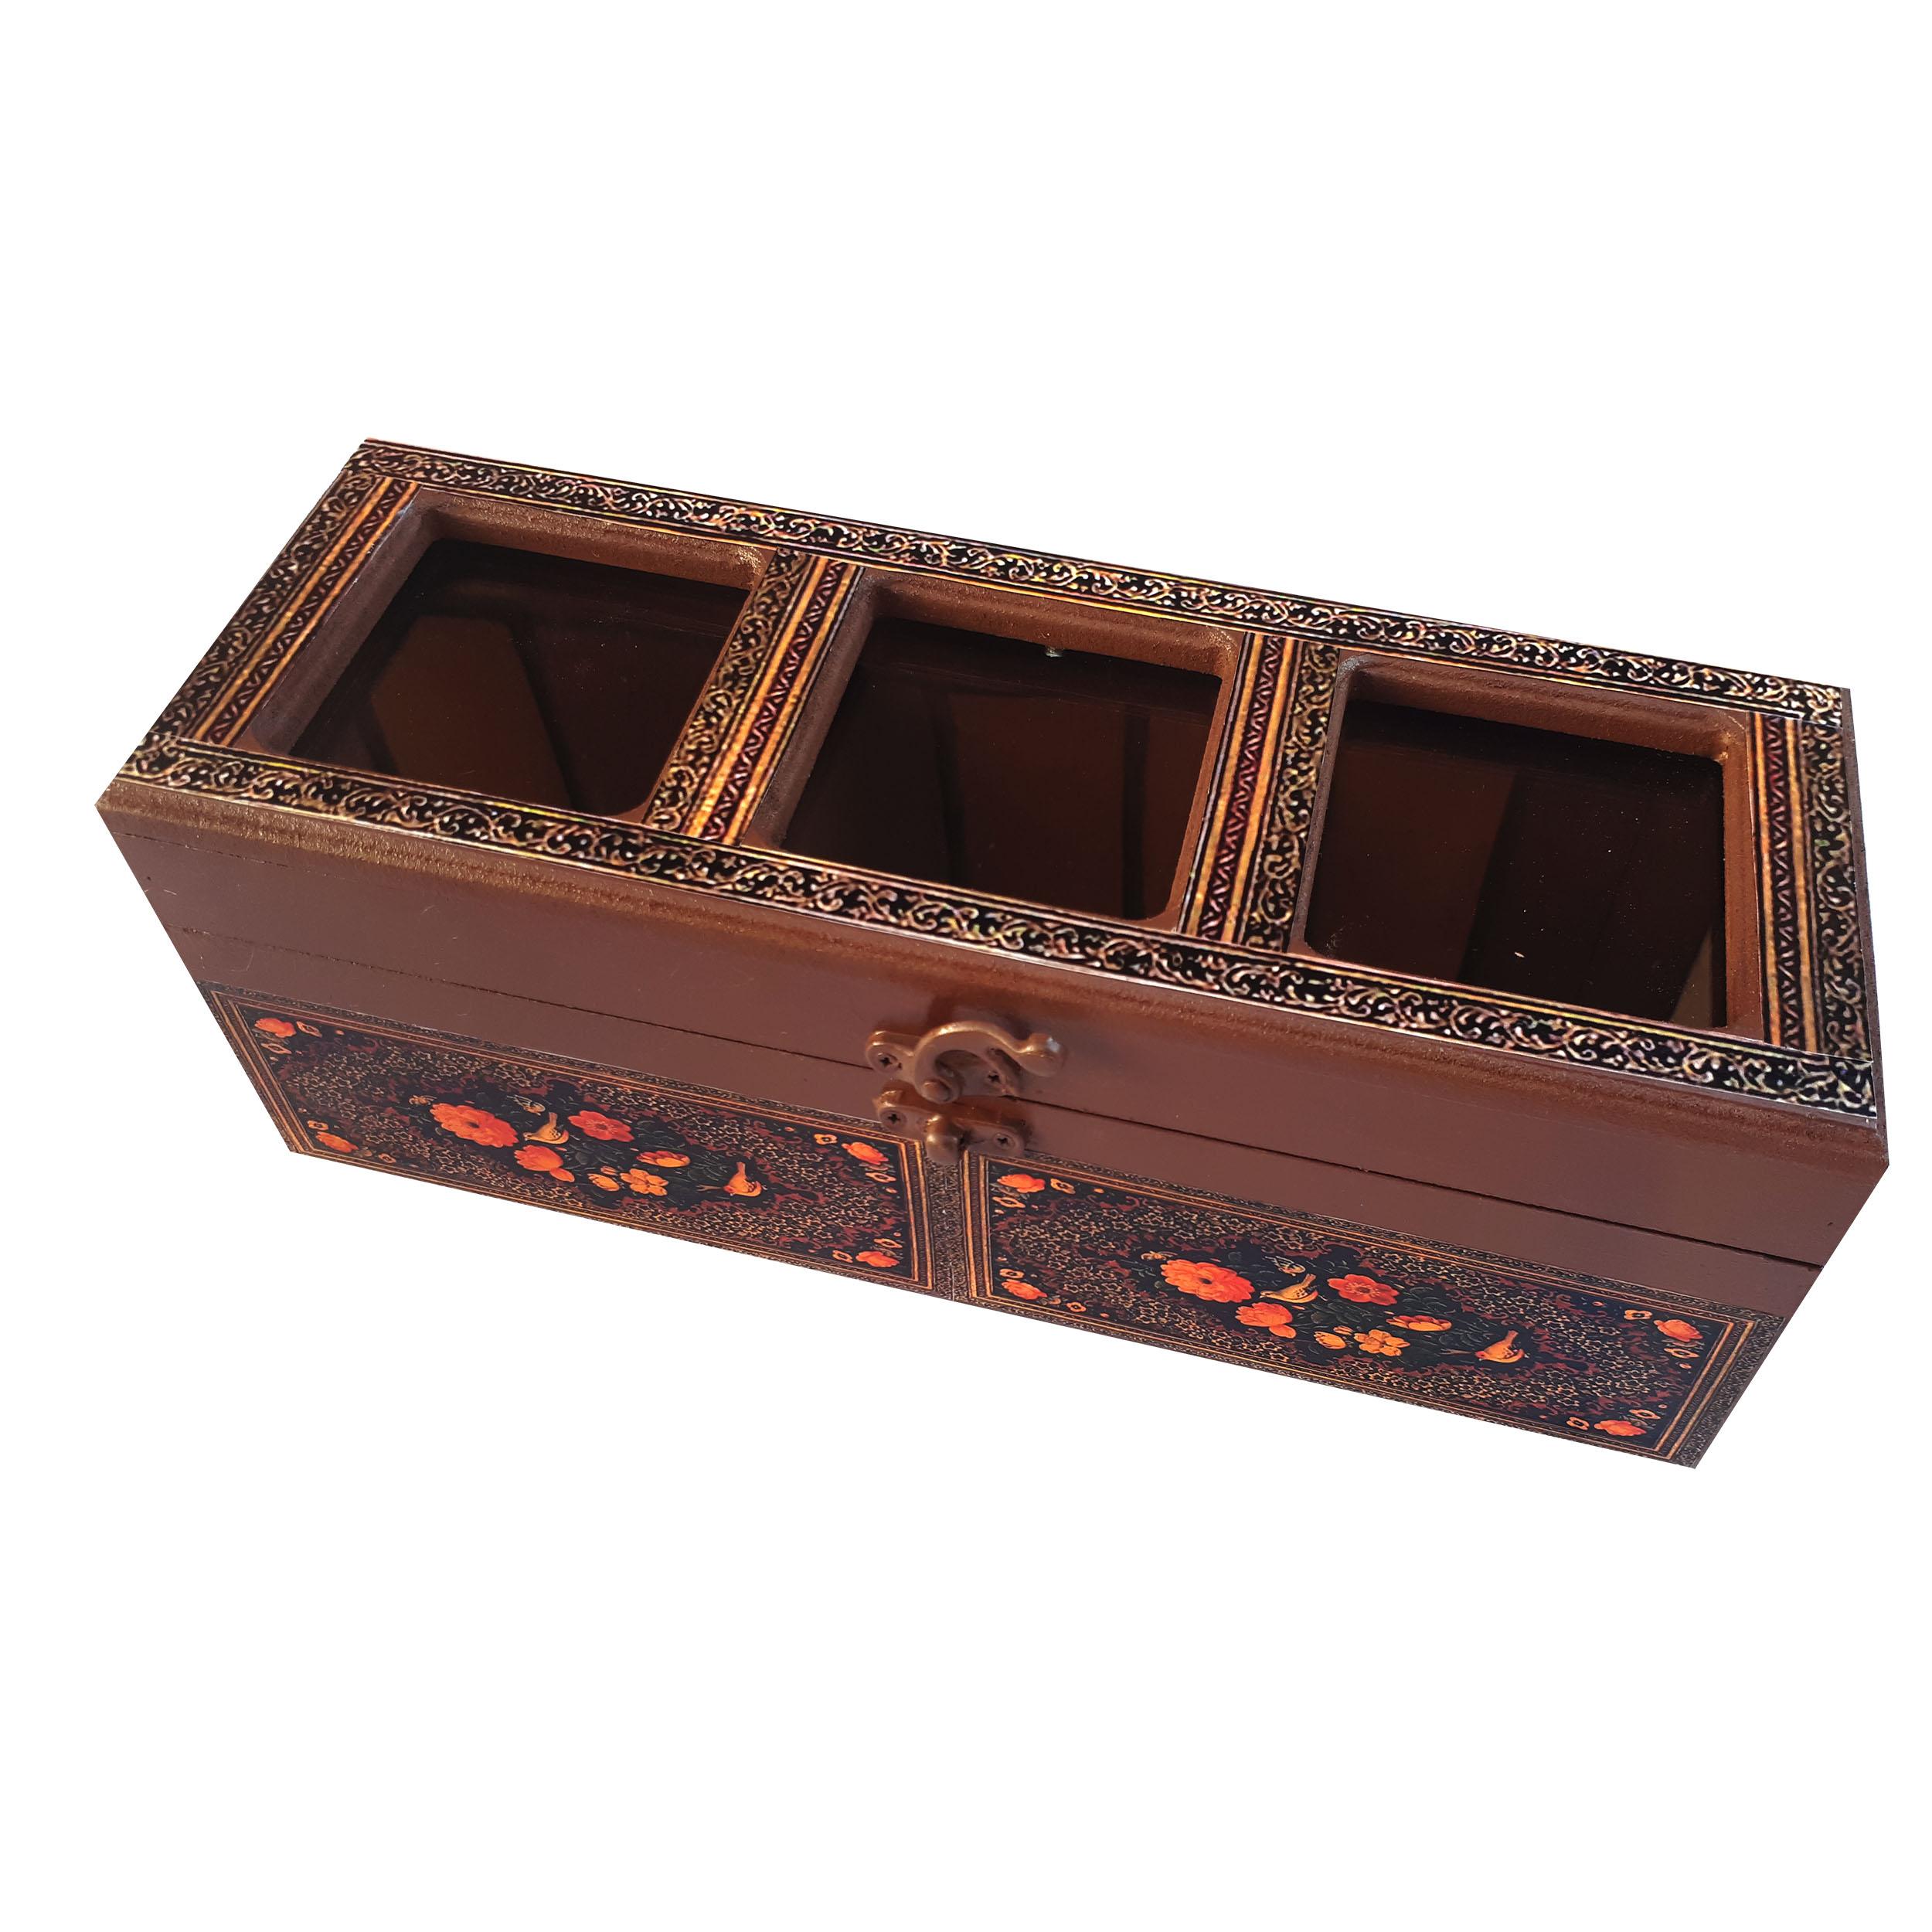 جعبه پذیرایی طرح گل و مرغ کدN1030